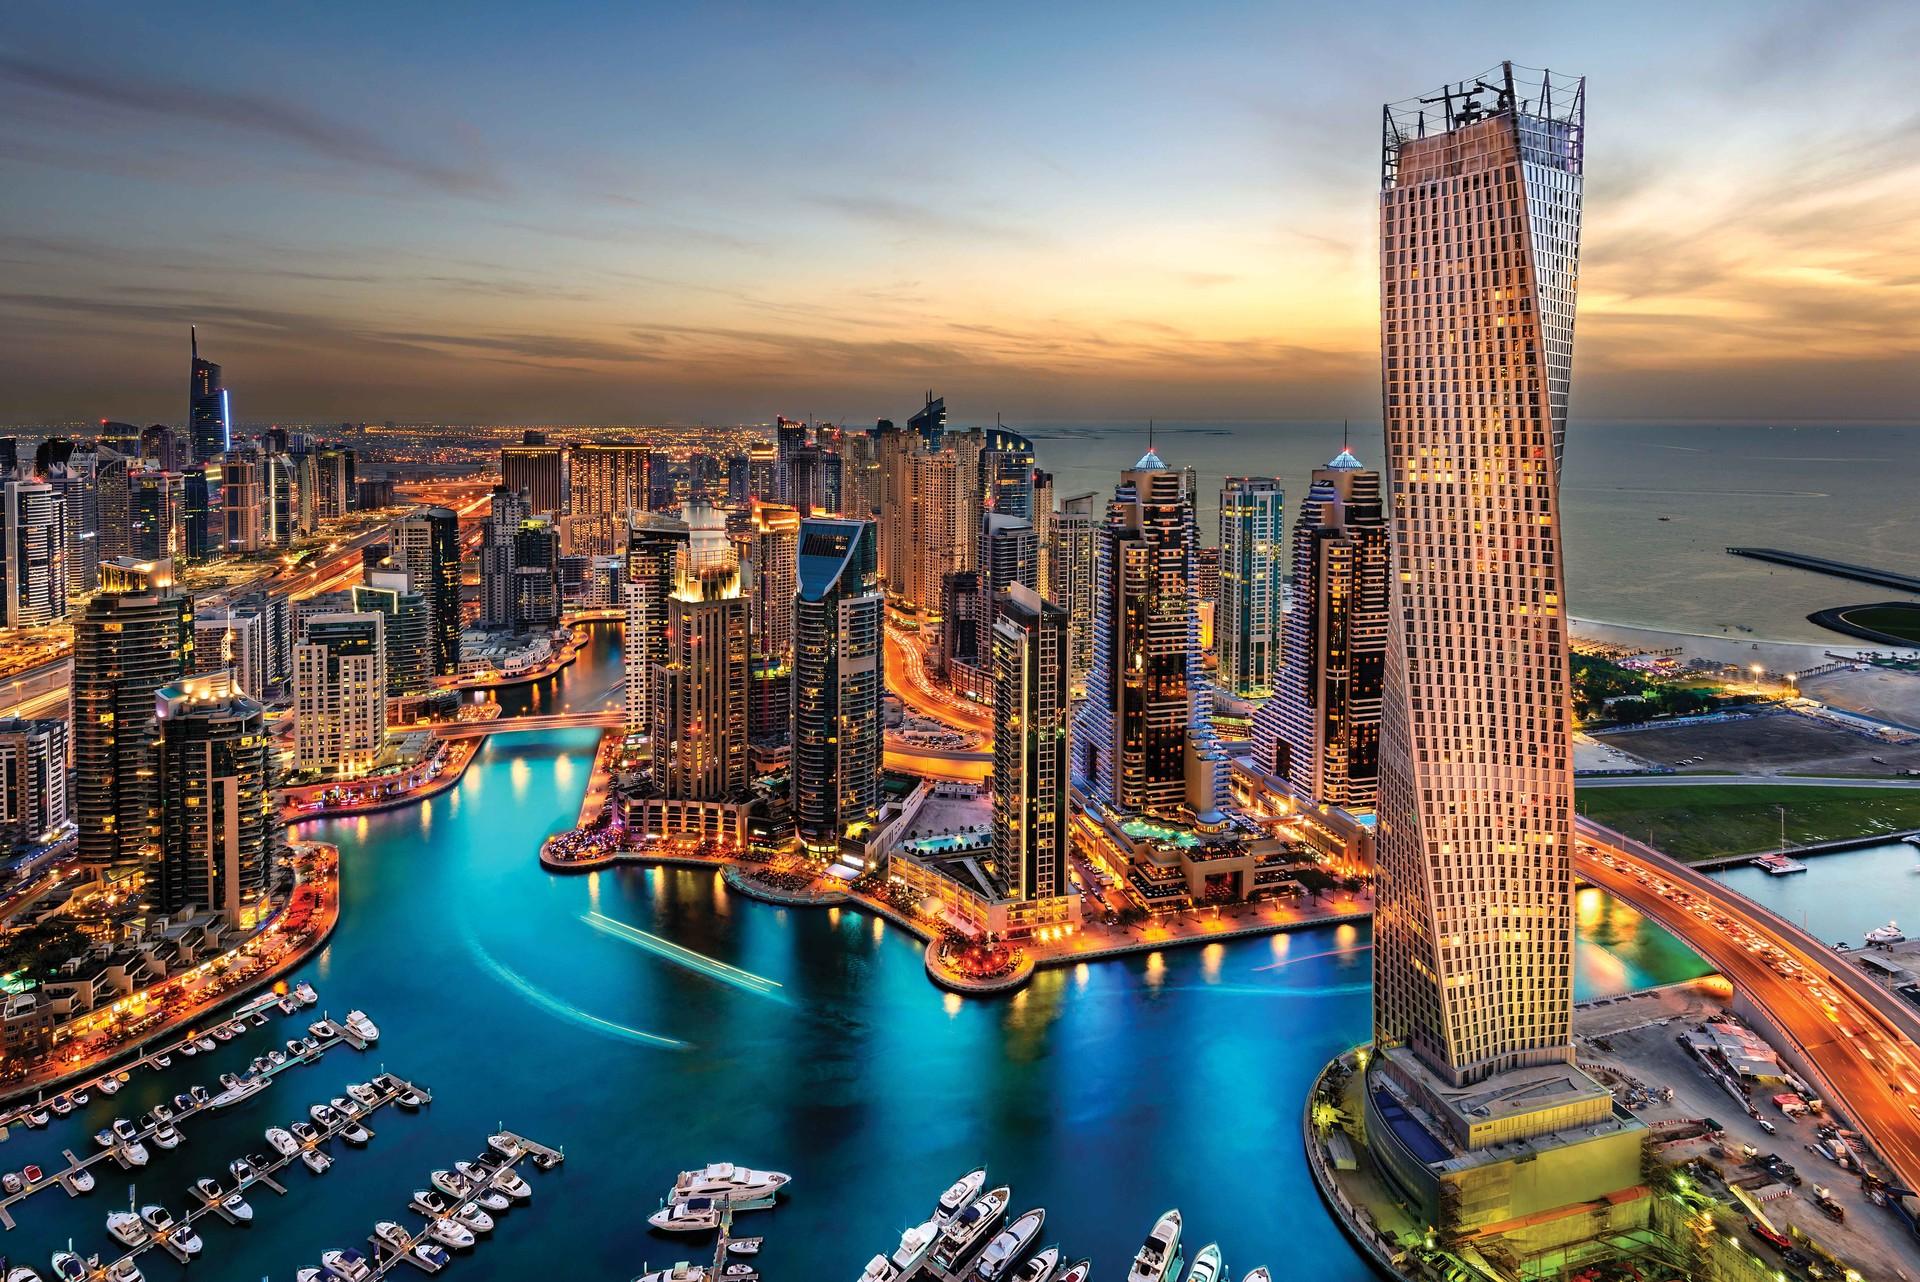 dubai emirats arabes unis